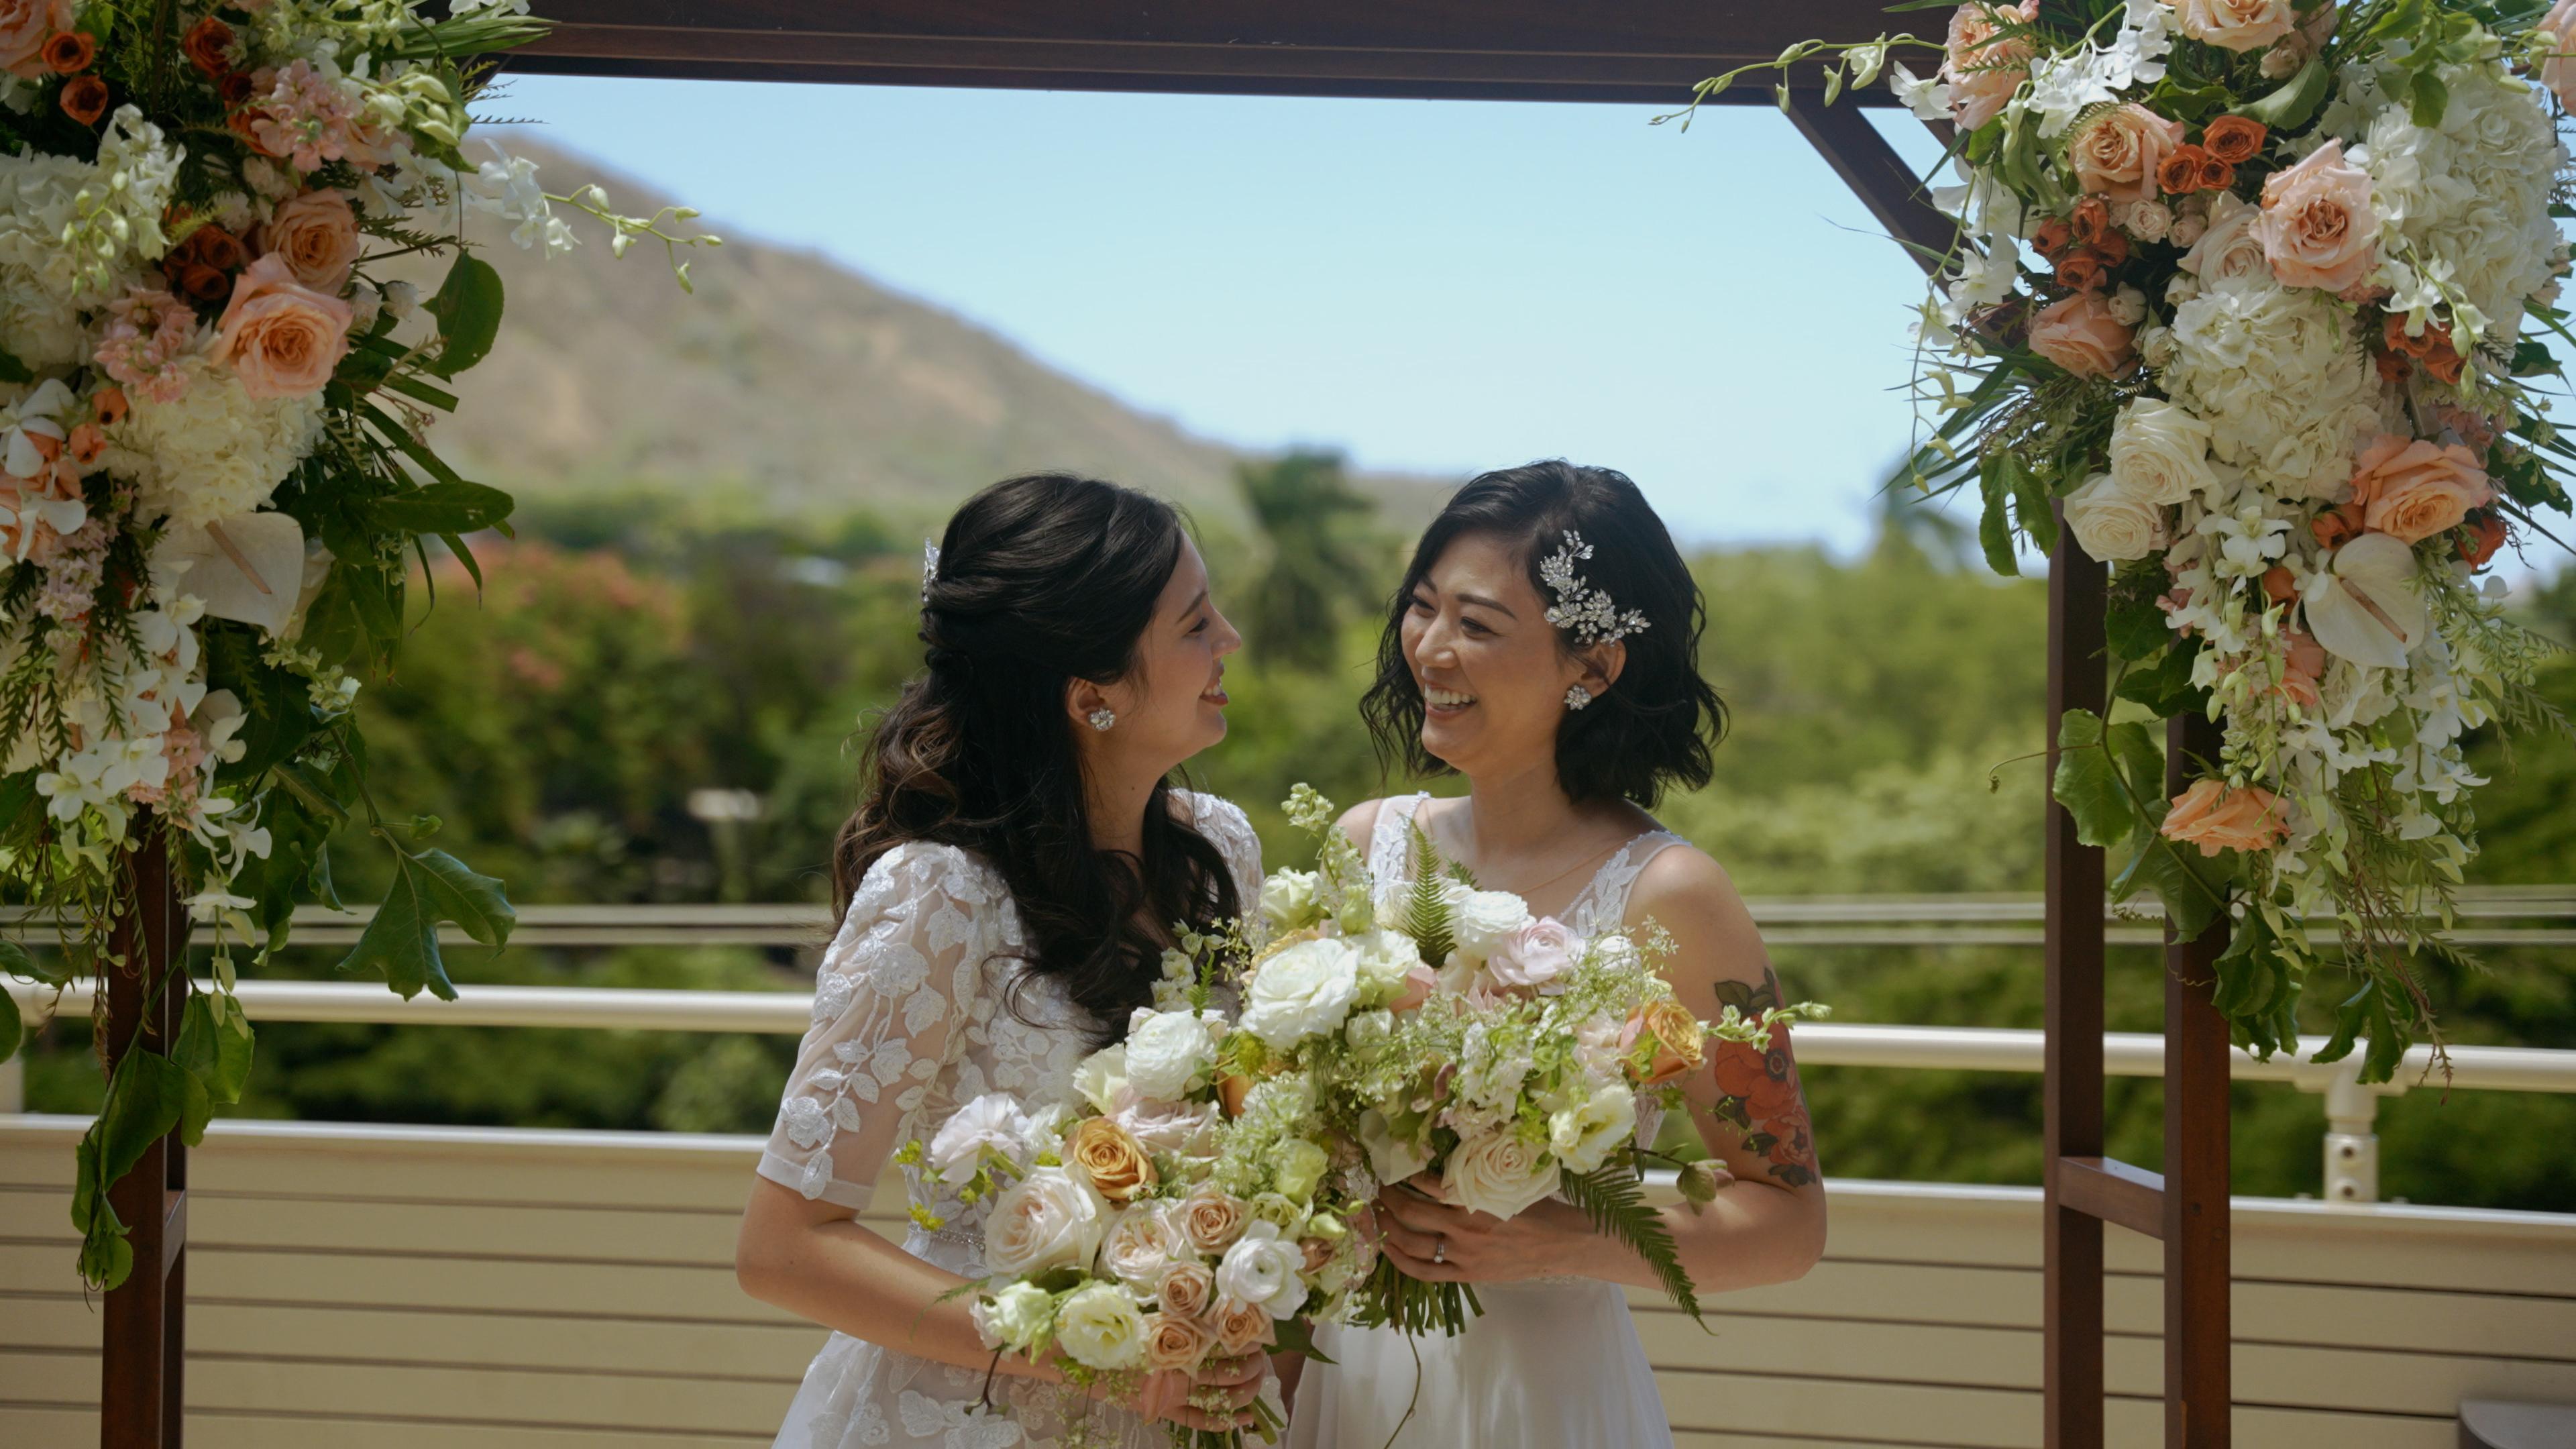 Natural outdoor lesbian wedding in Hawaii